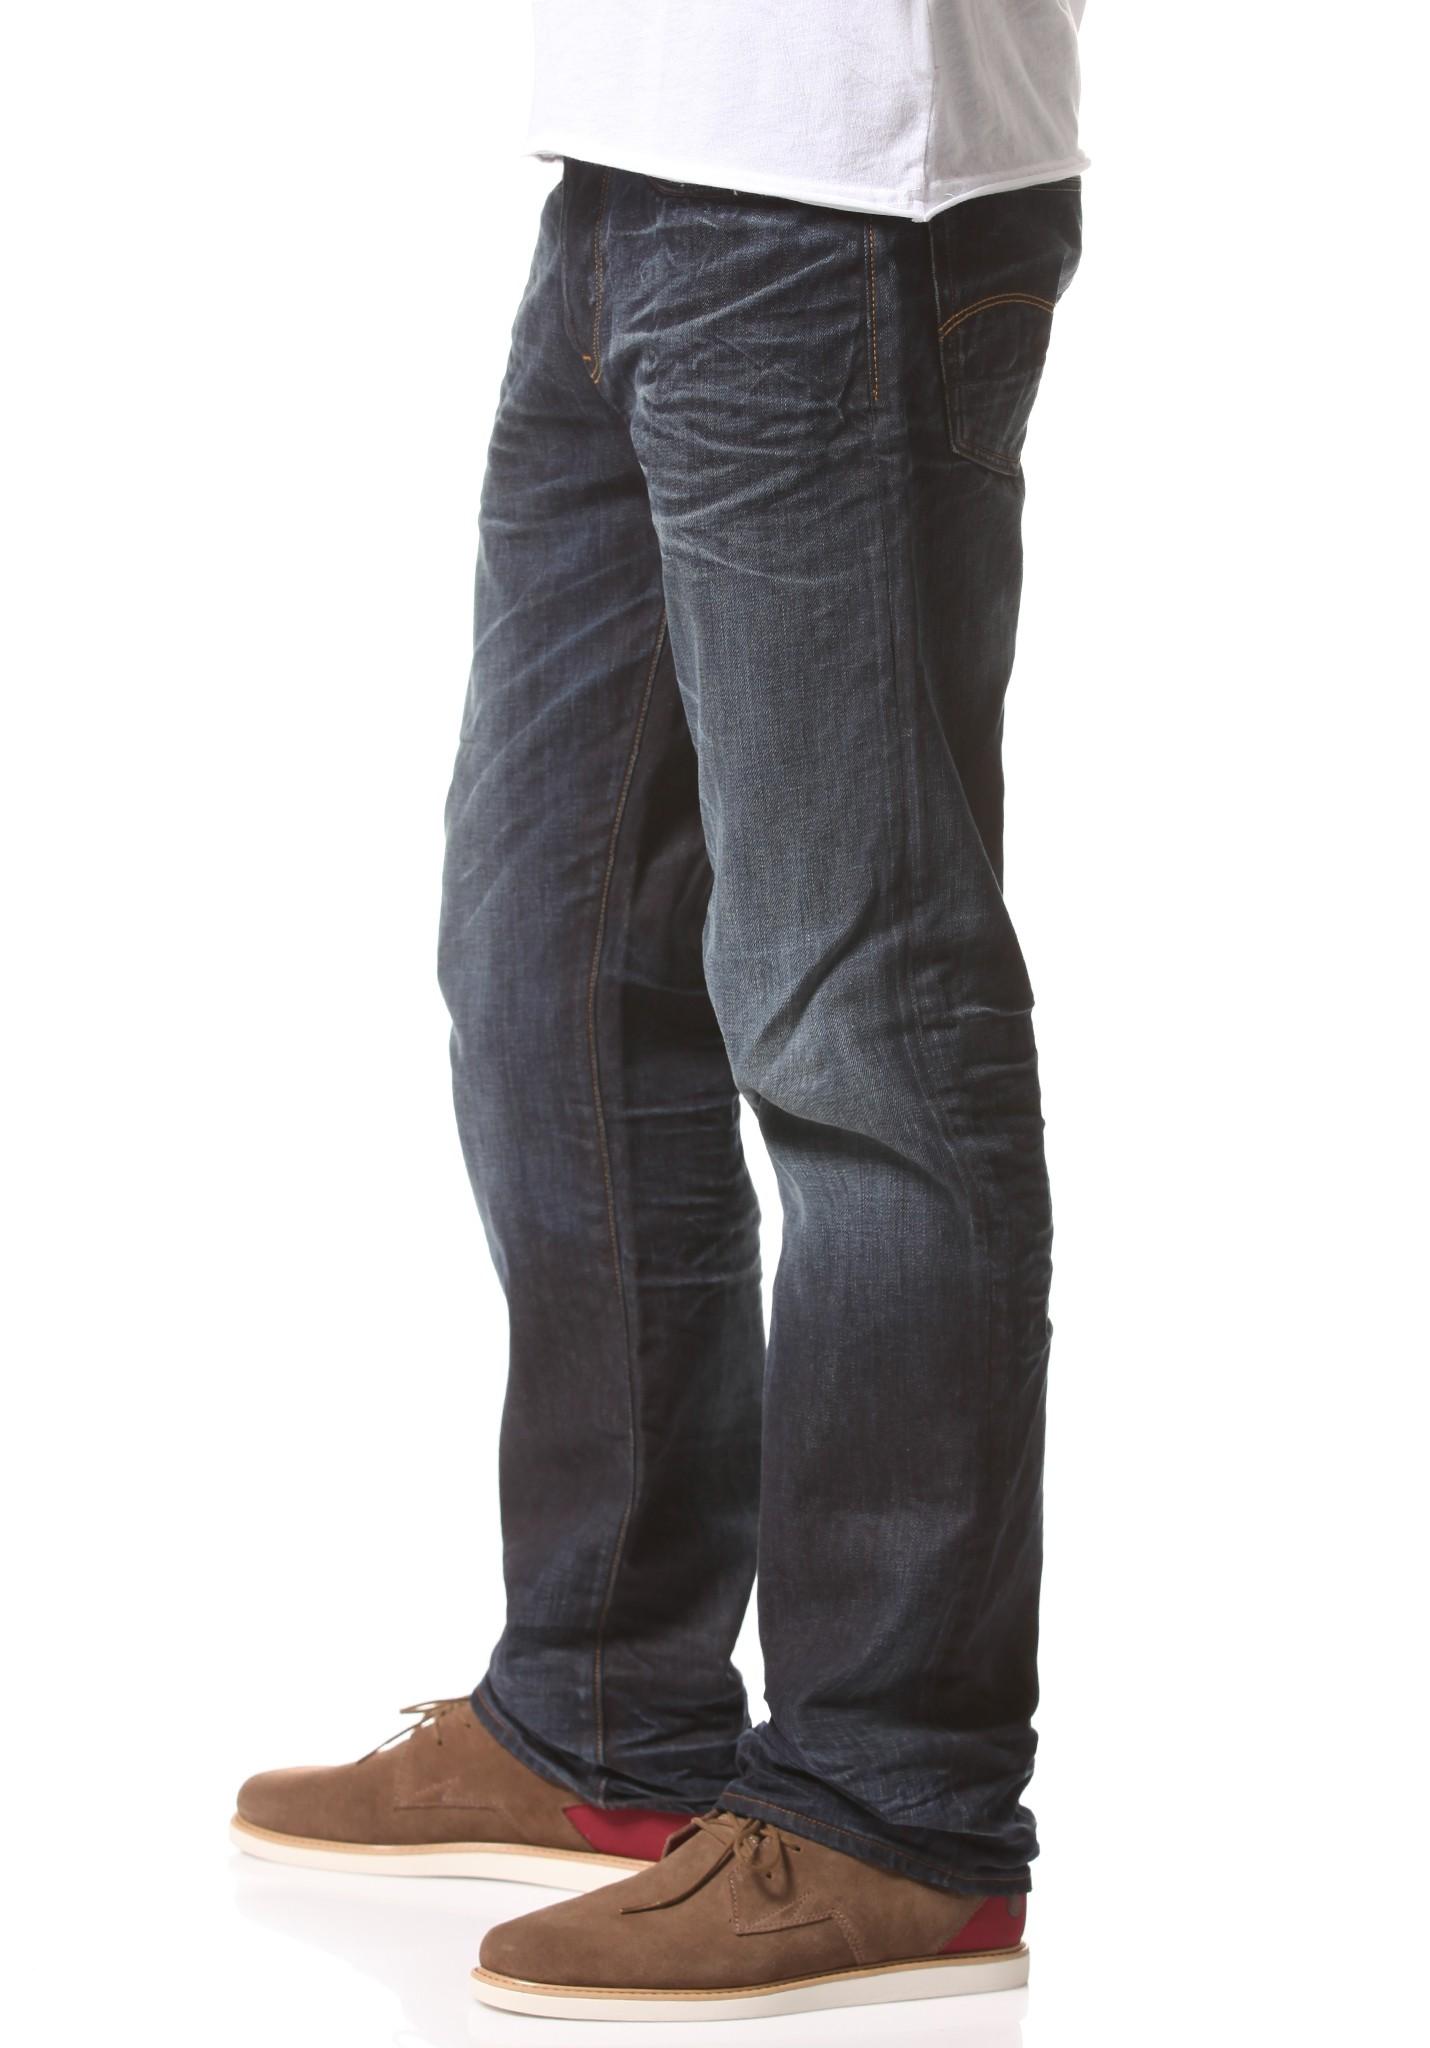 neu g star 3301 loose swash herren jeans hose ebay. Black Bedroom Furniture Sets. Home Design Ideas